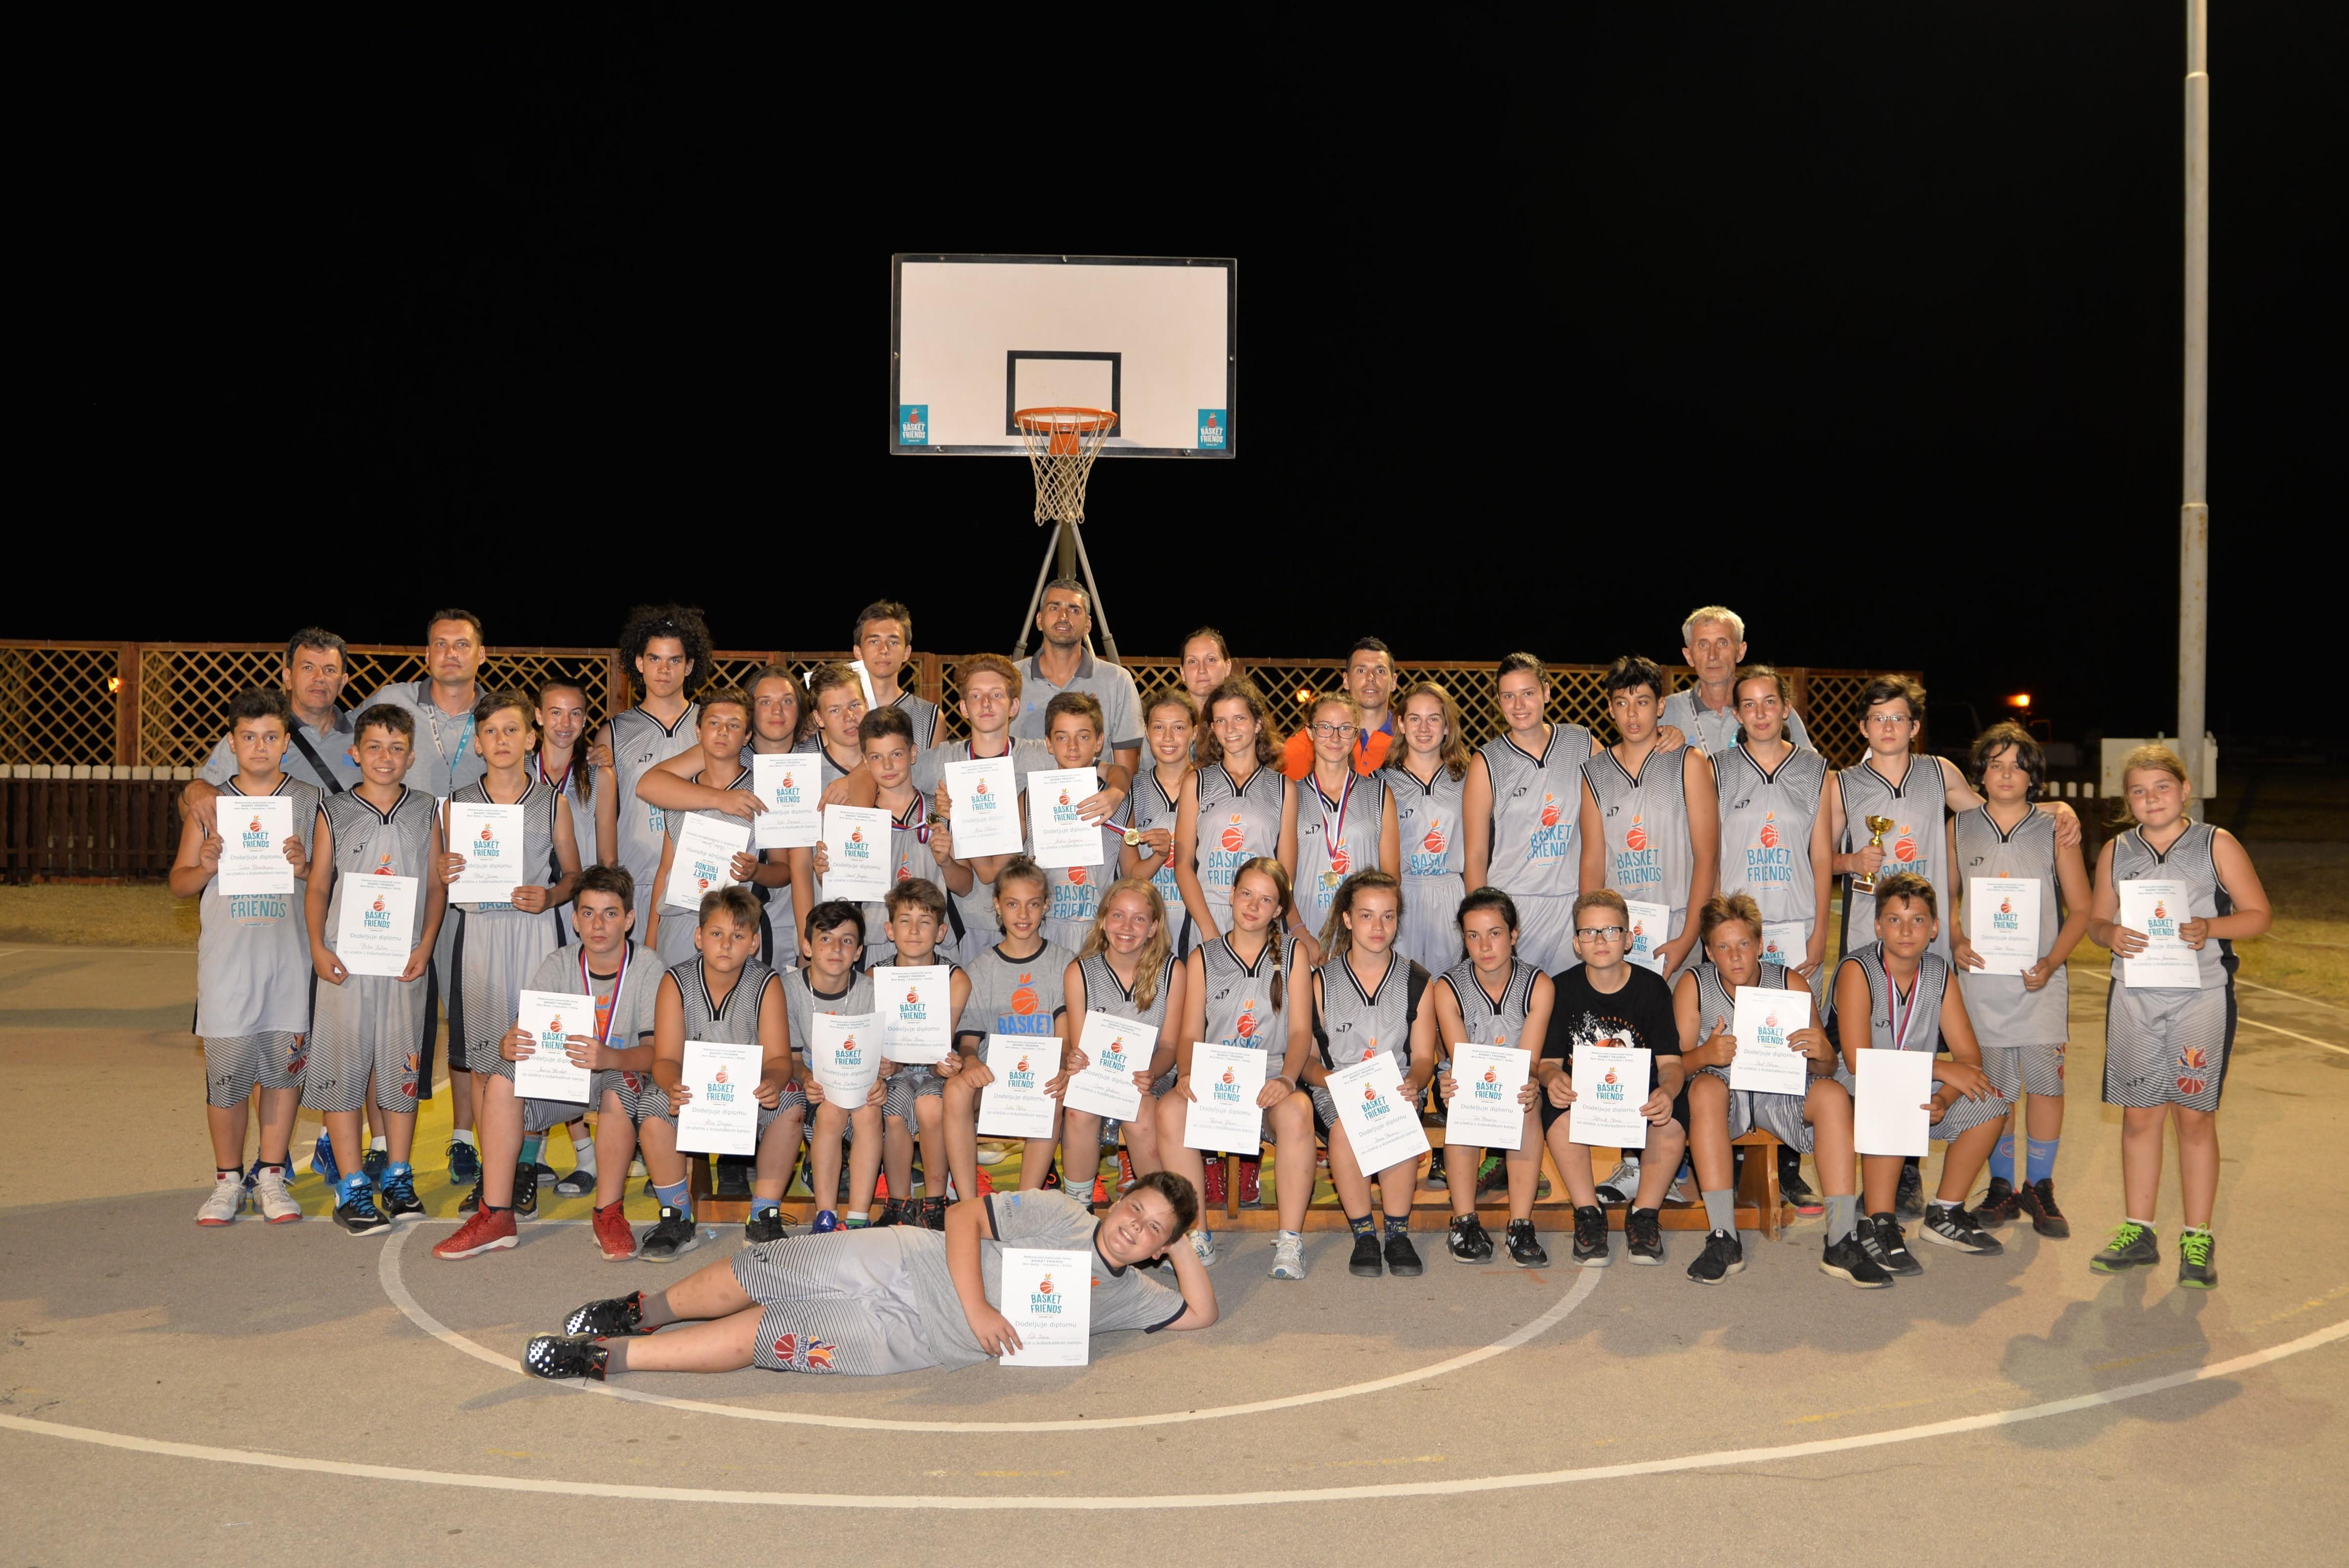 Basketfriends 2017. - future basketball players